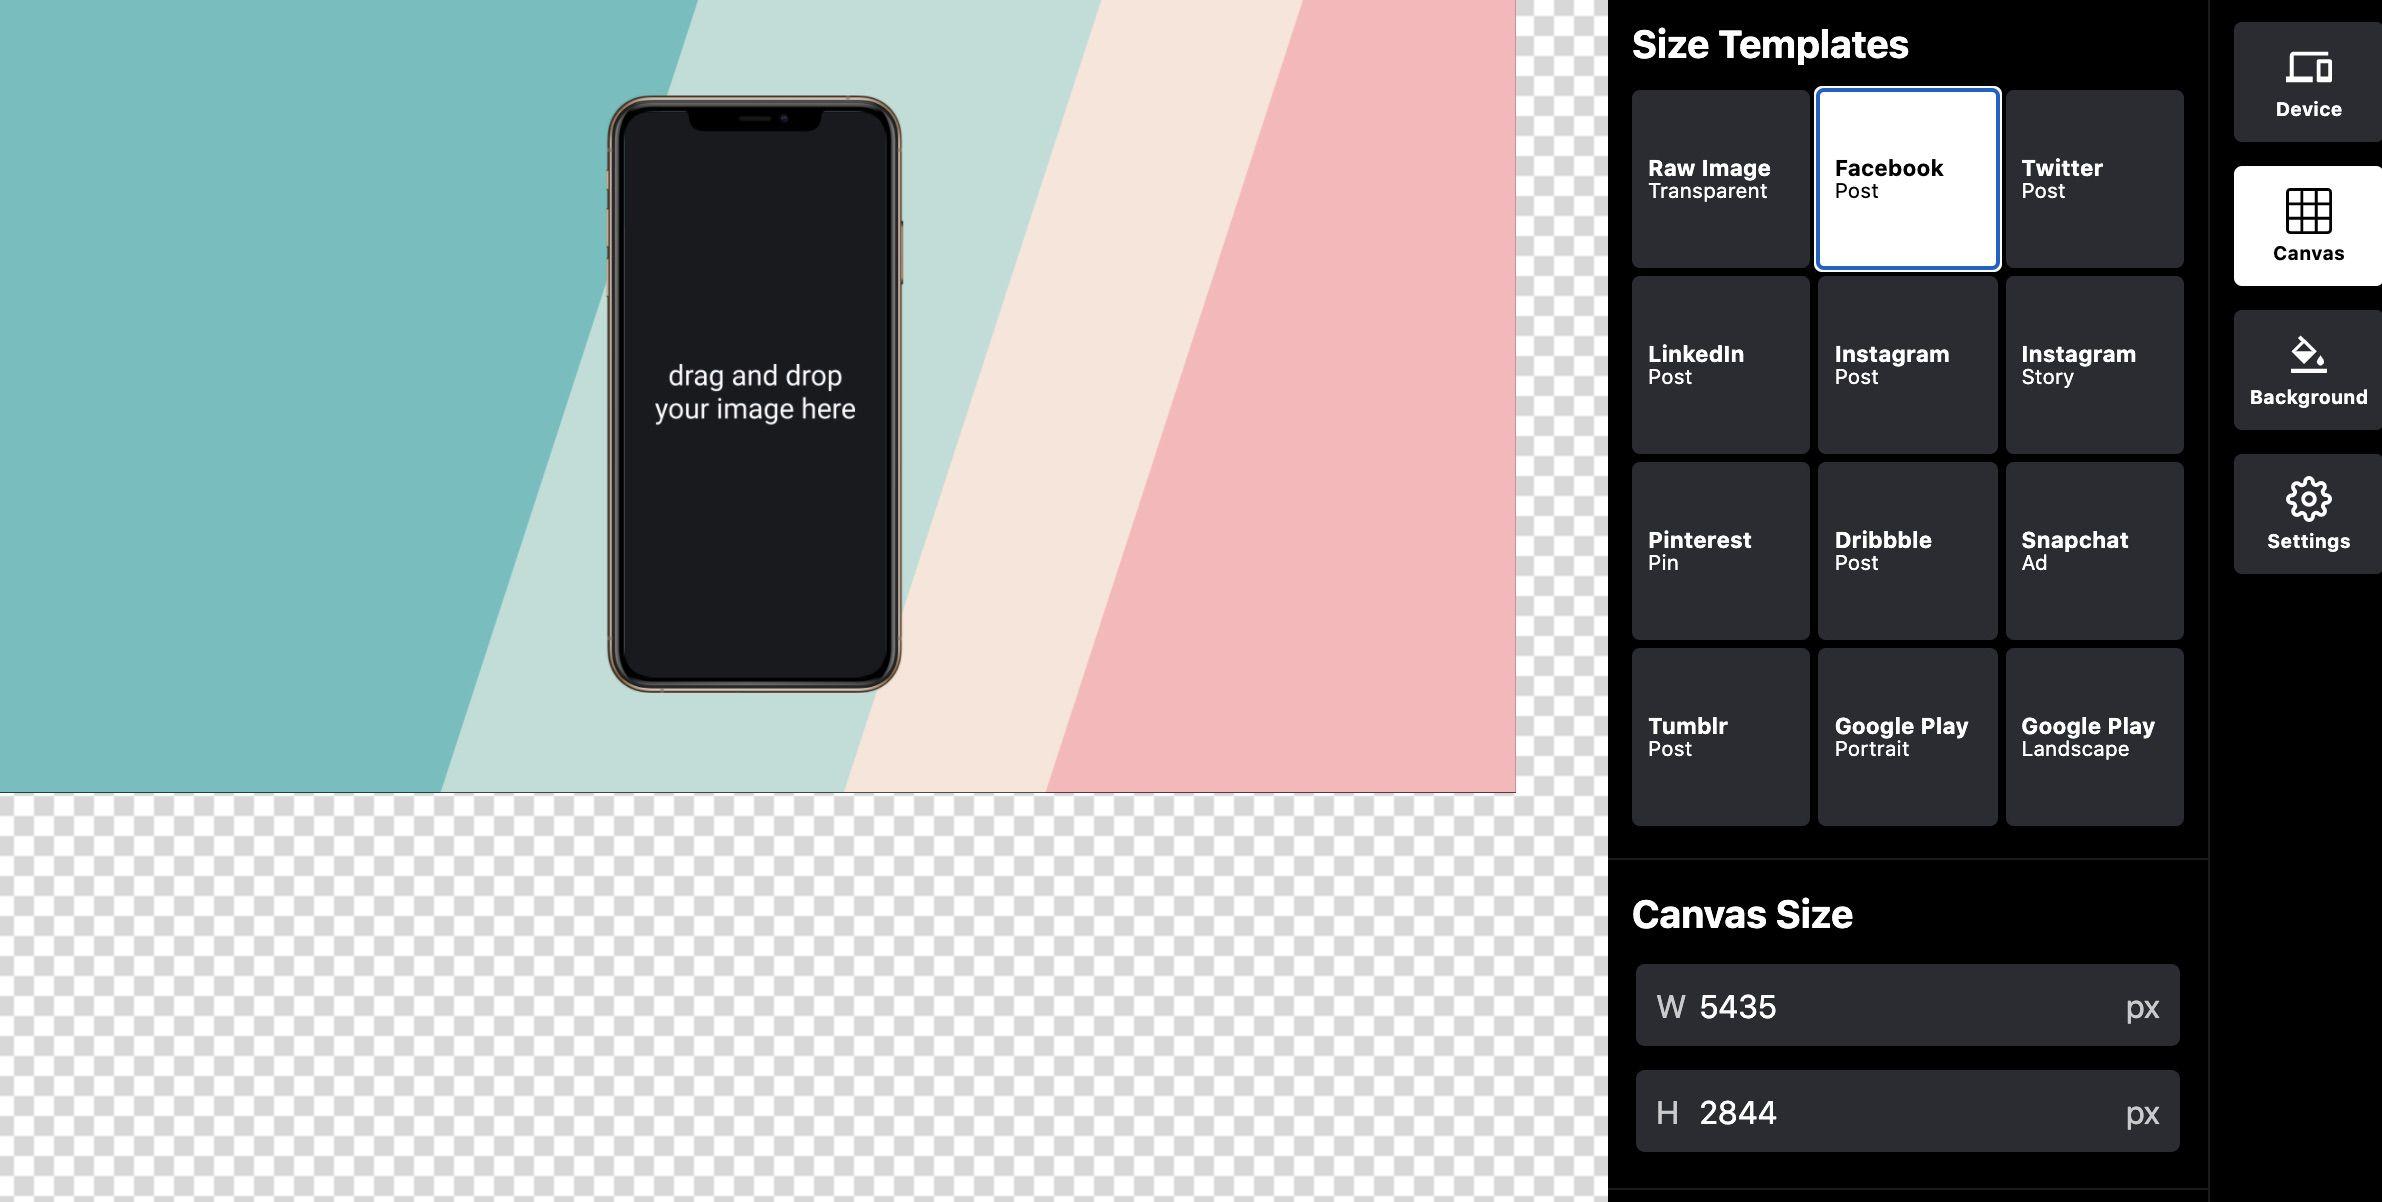 mise en page de l'outil Device Shots